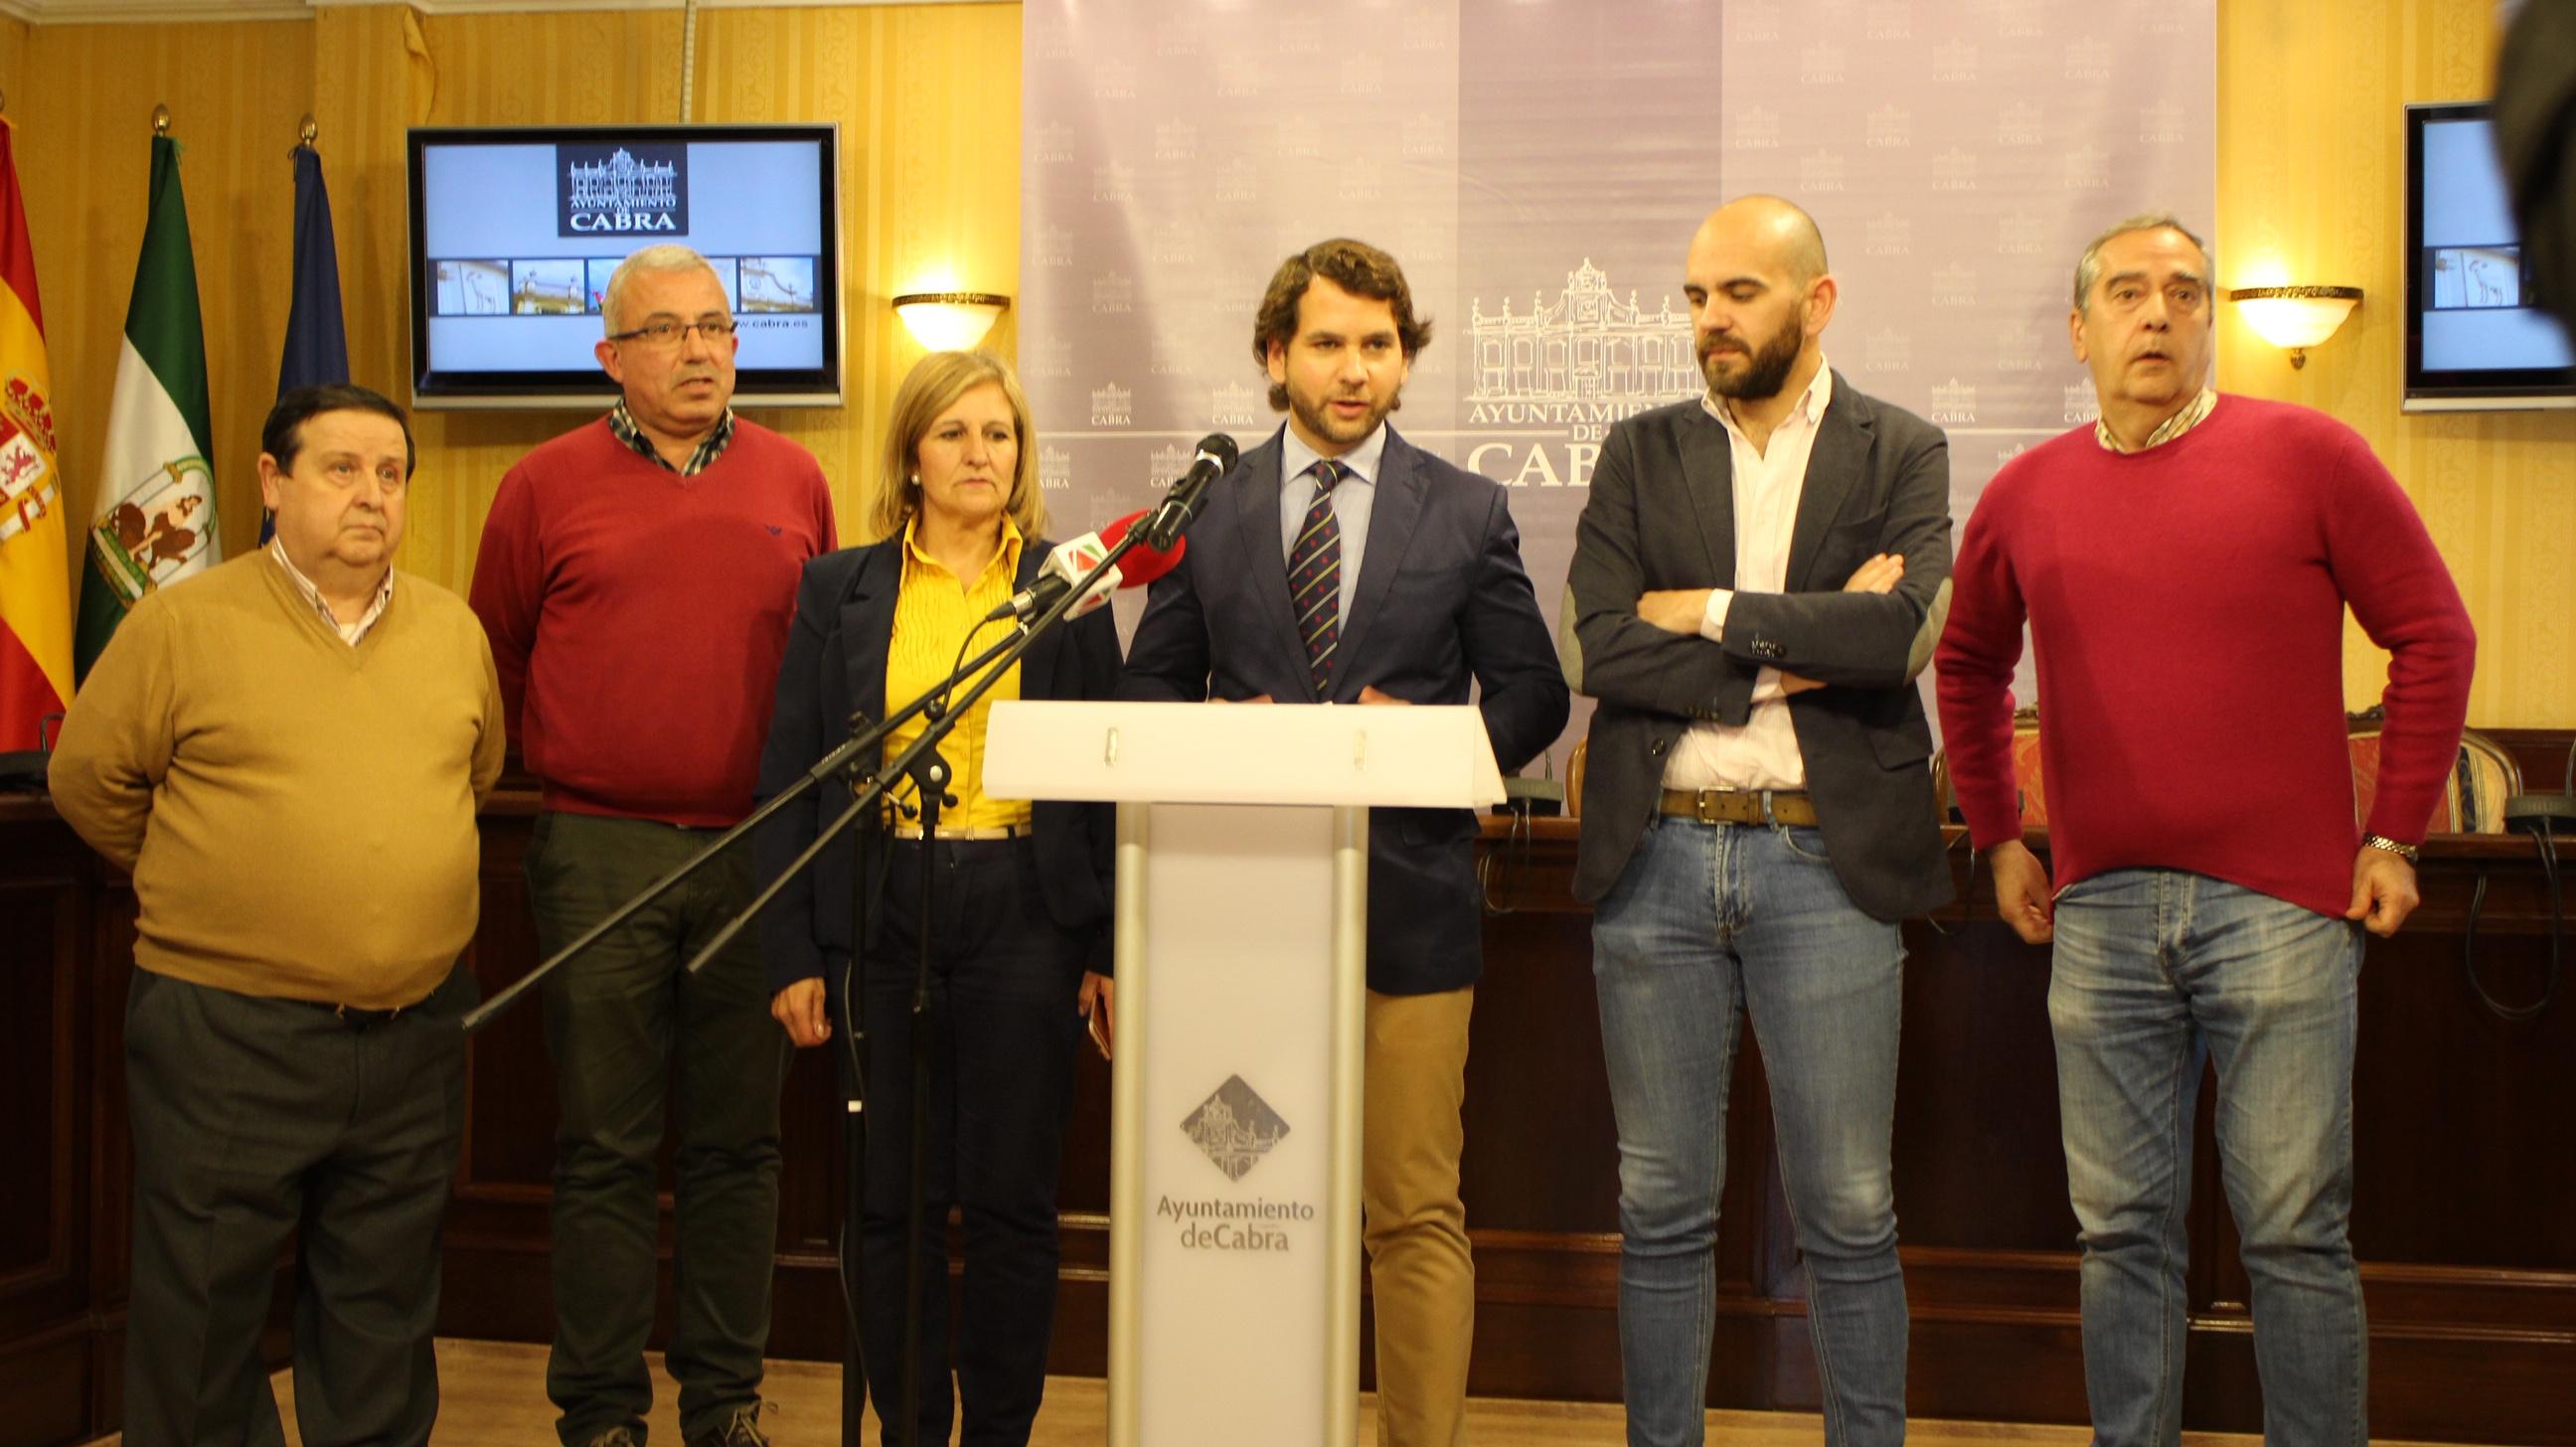 El Ayuntamiento anuncia medidas ante un primer caso de coronavirus en Cabra